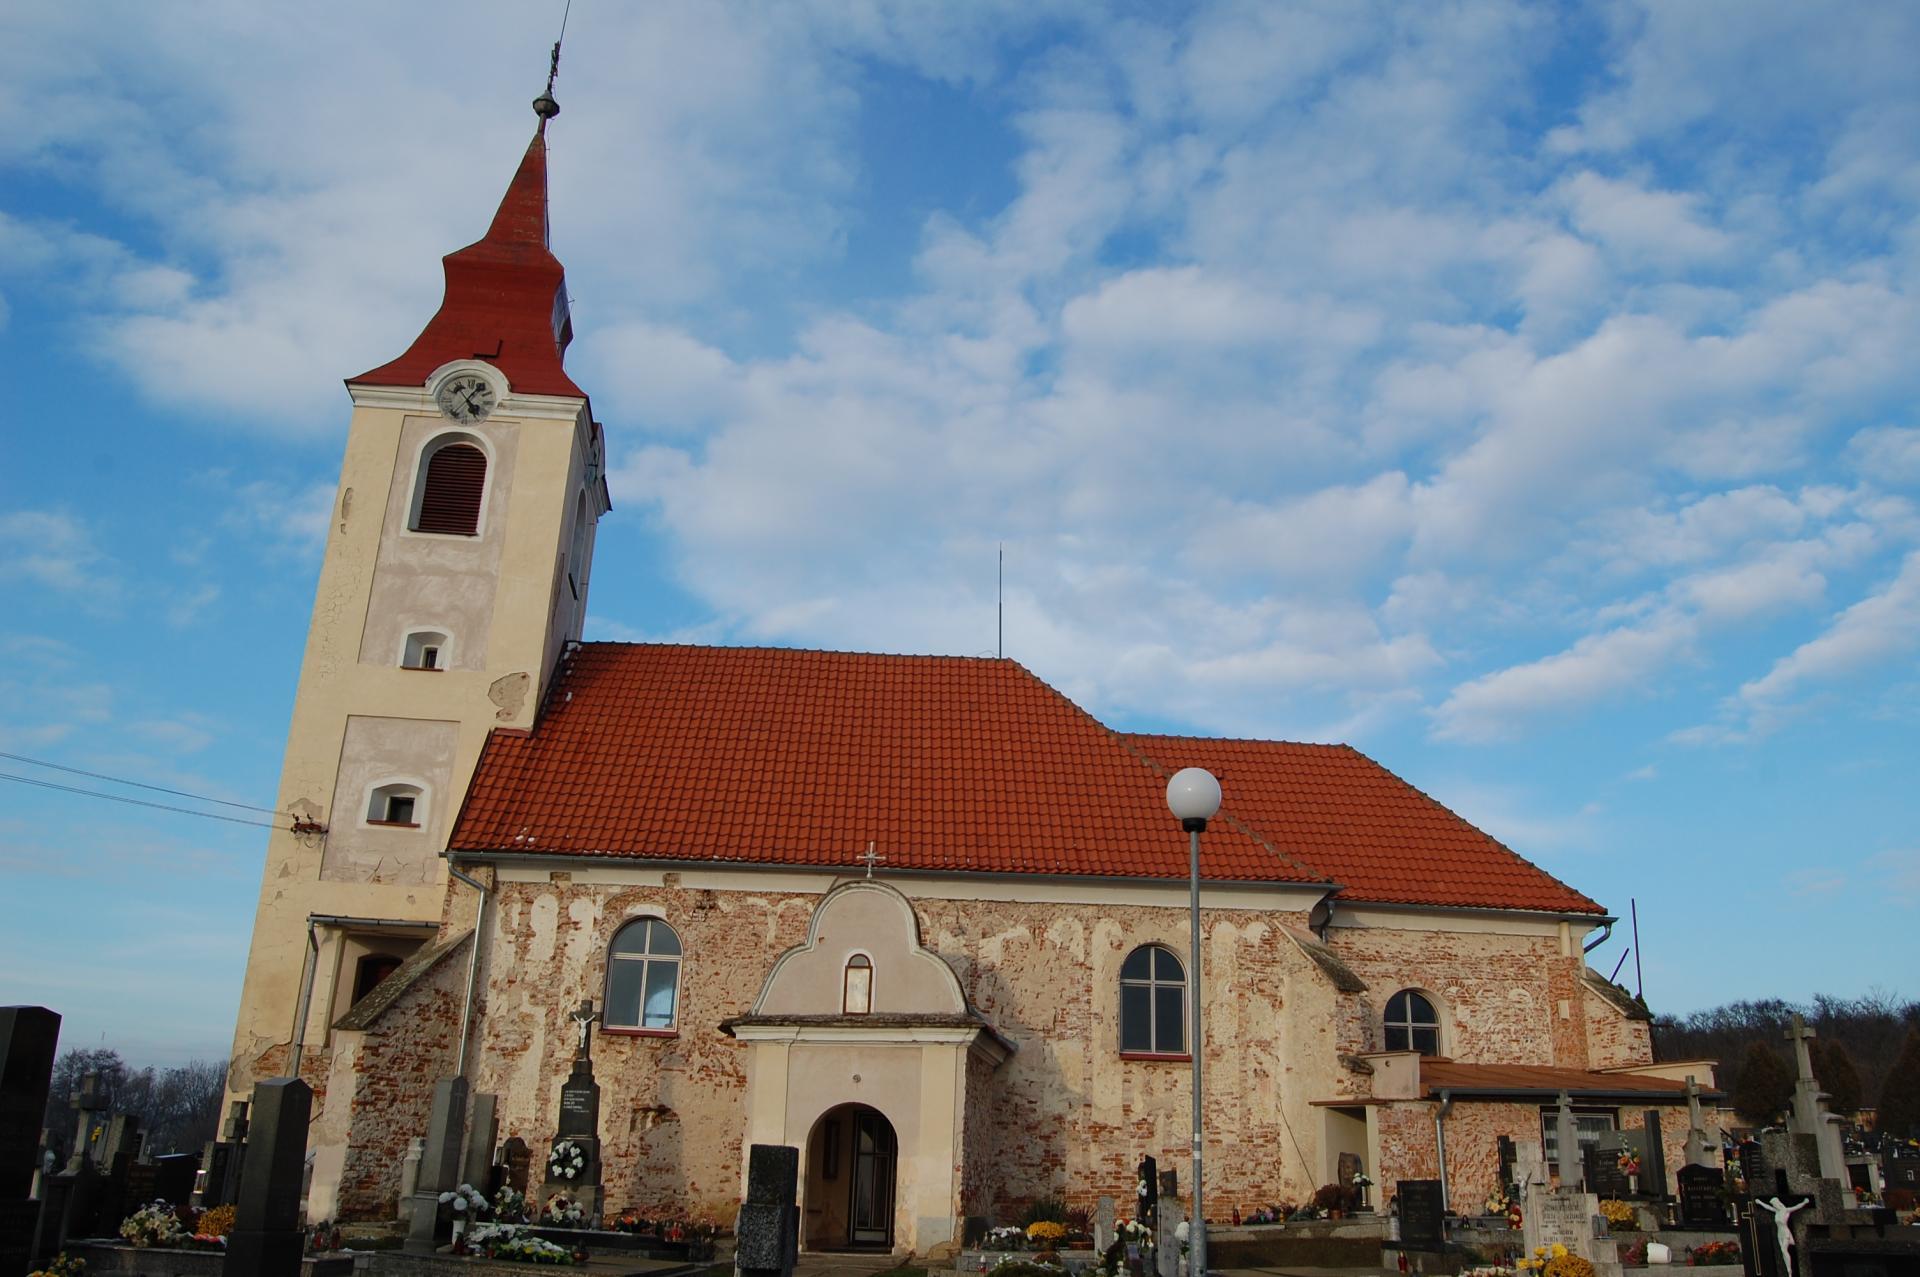 Kostol sv. Alžbety, stav pred reštaurovaním, južná fasáda